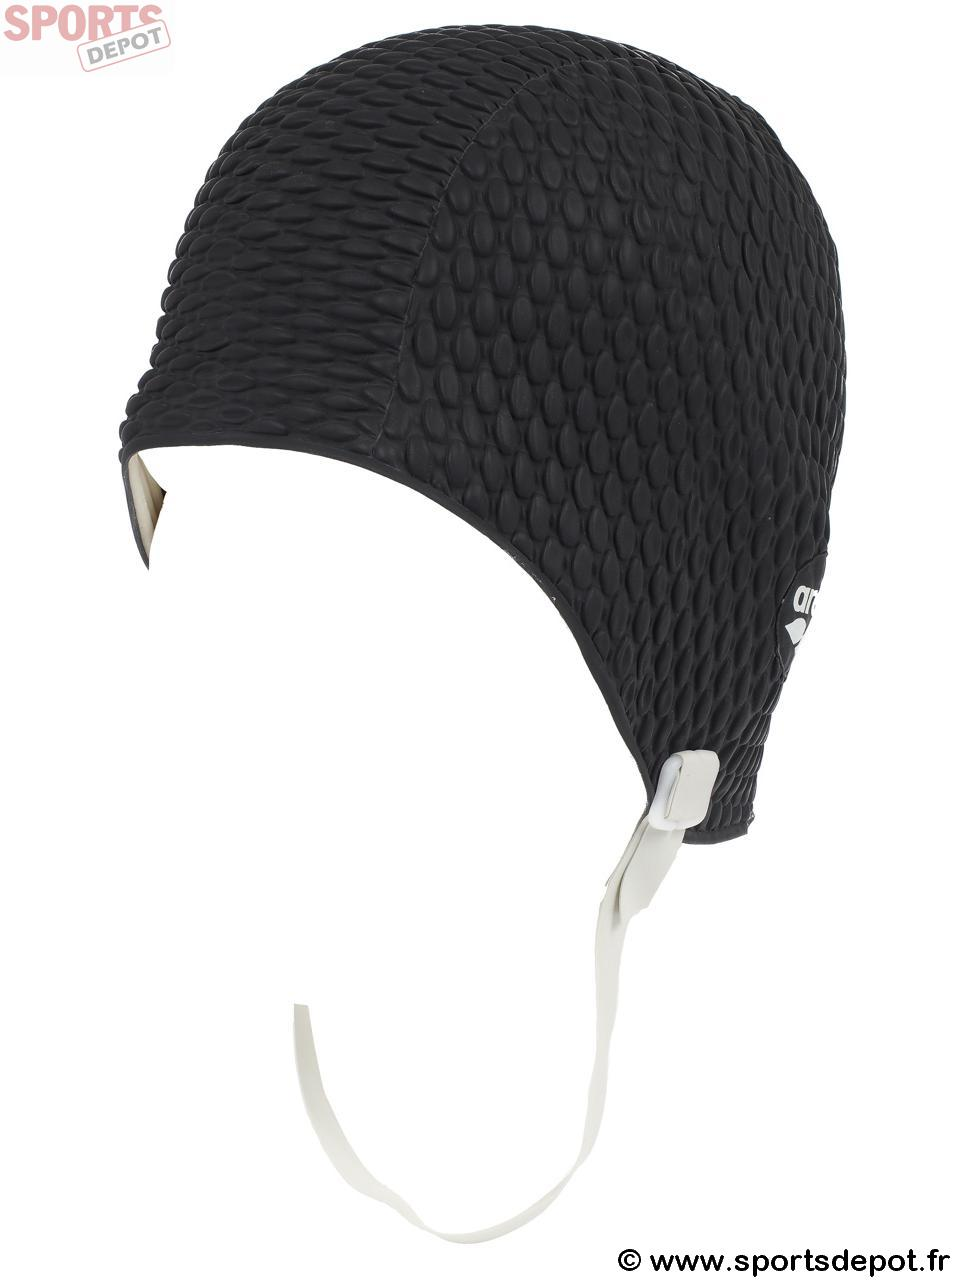 acheter bonnet de bain arena gaufre noir latex homme mixte comparer achat vente sur. Black Bedroom Furniture Sets. Home Design Ideas